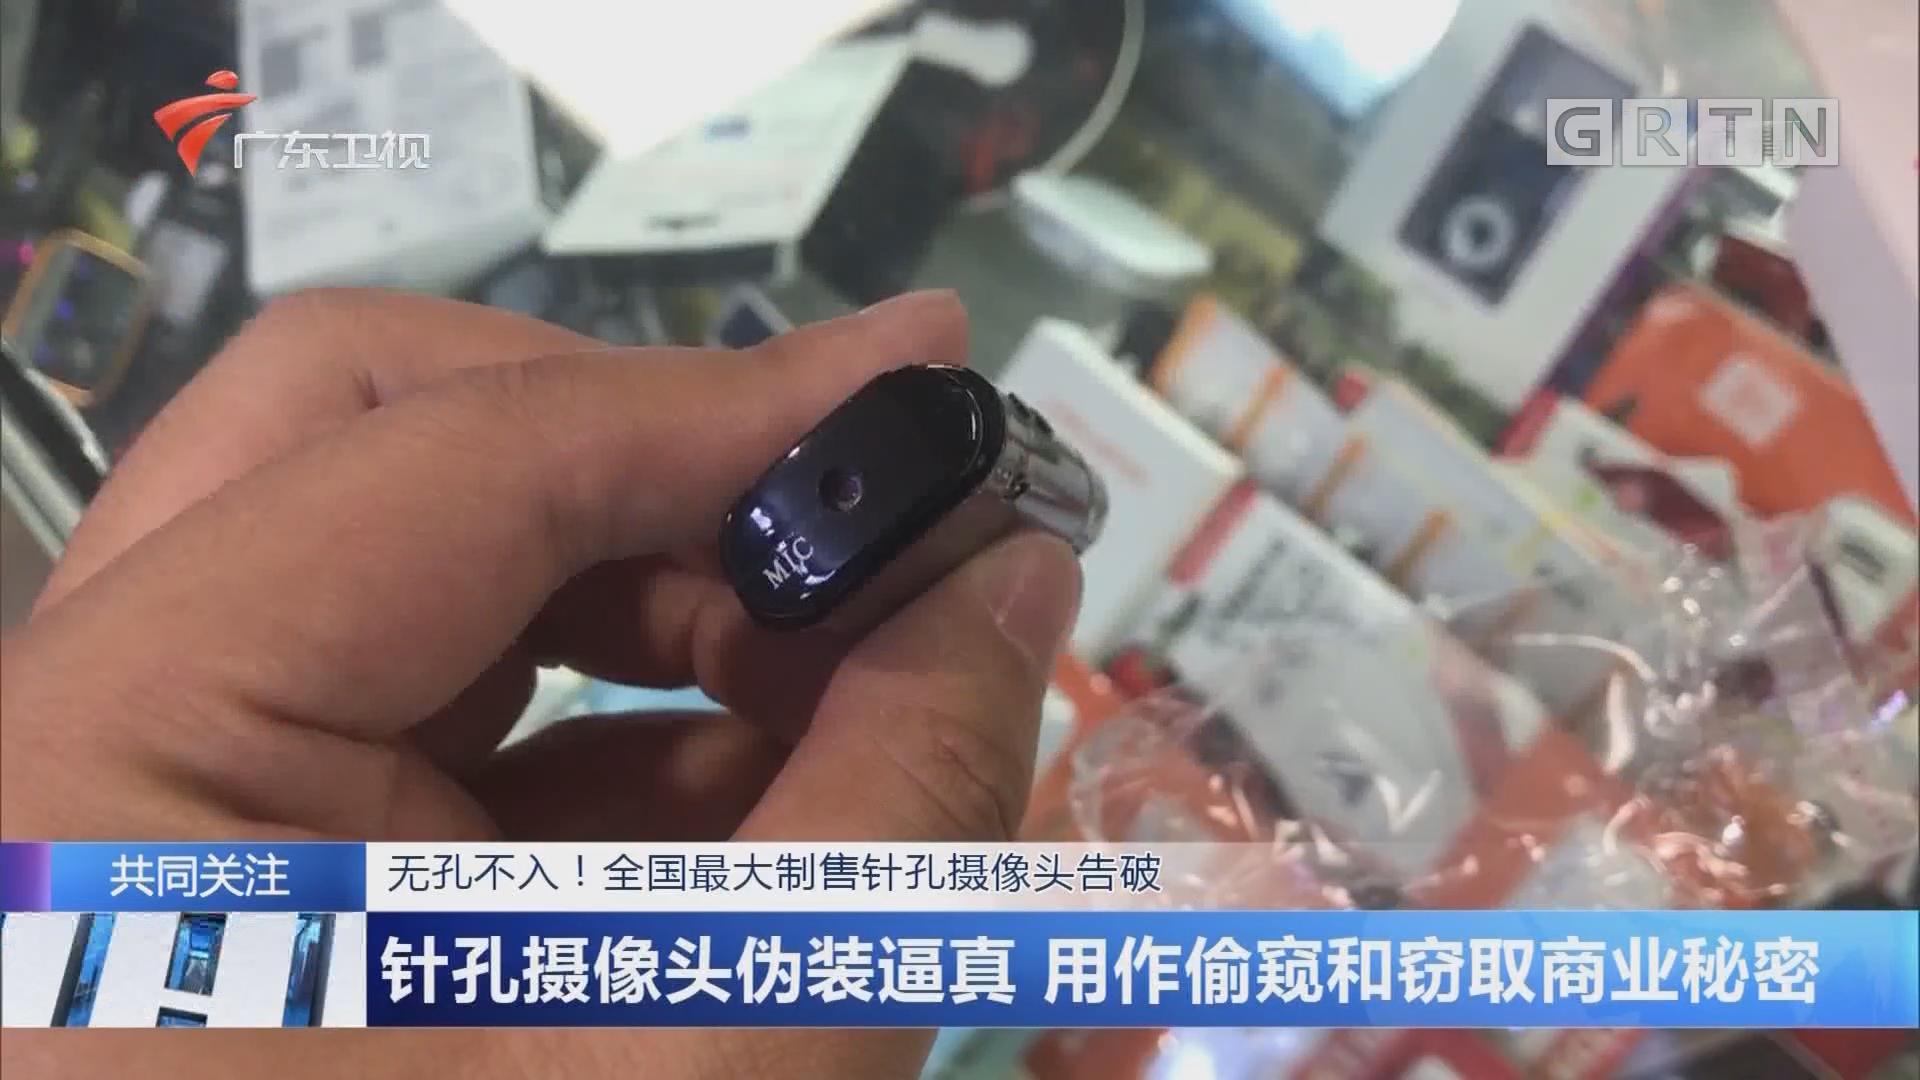 无孔不入!全国最大制售针孔摄像头告破 针孔摄像头伪装逼真 用作偷窥和窃取商业秘密